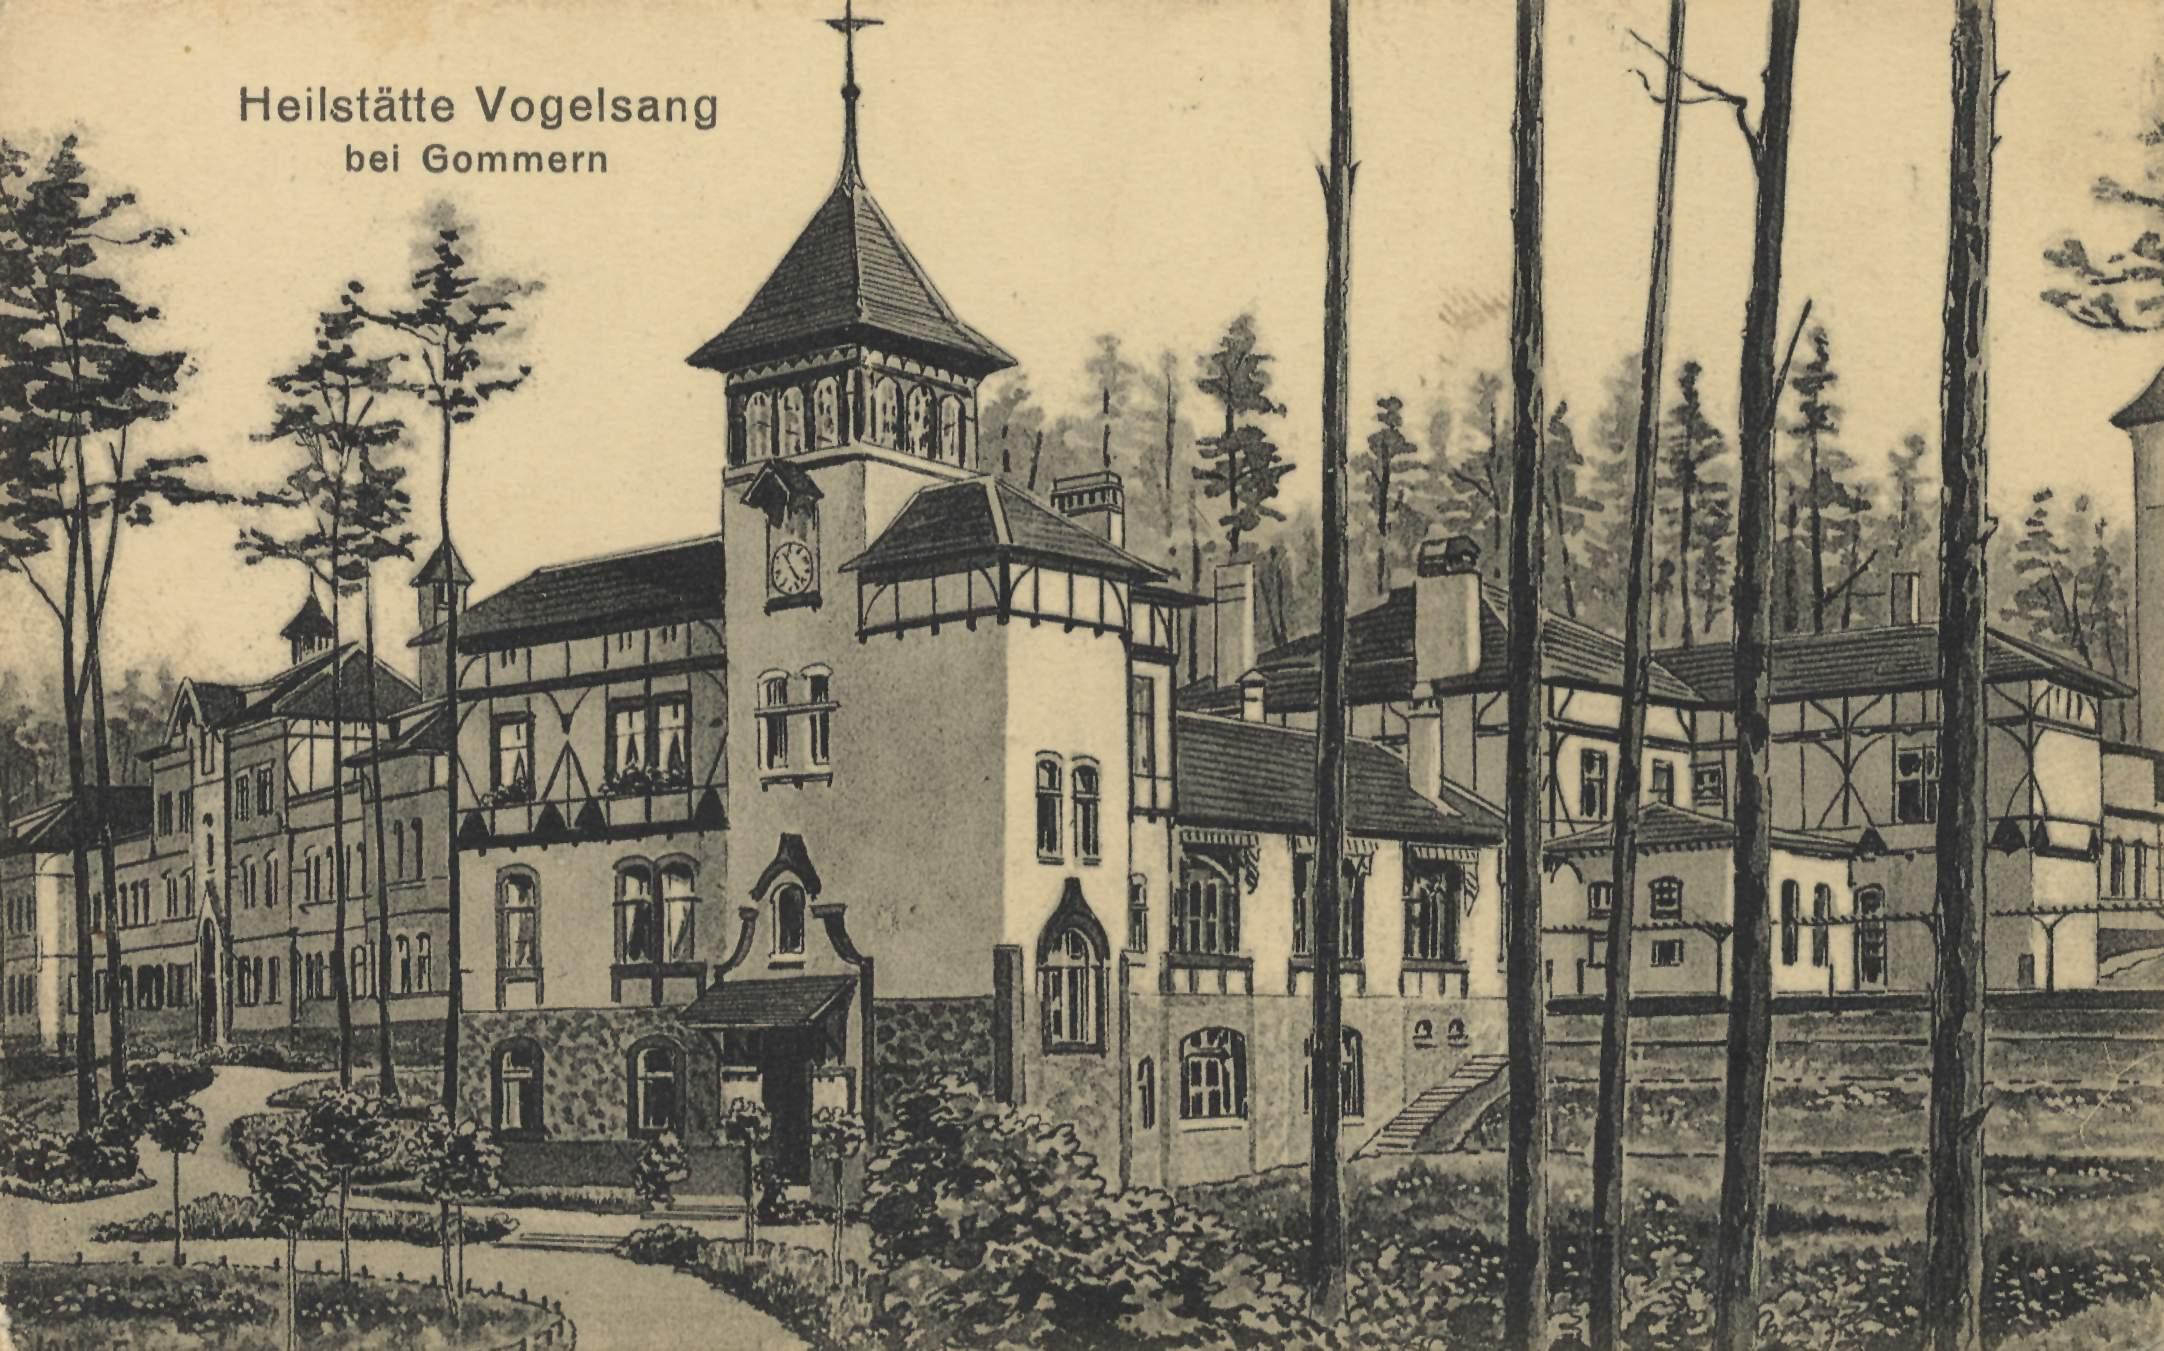 Vogelsang b gommern sachsen anhalt heilst tte - Wintergarten sachsen anhalt ...